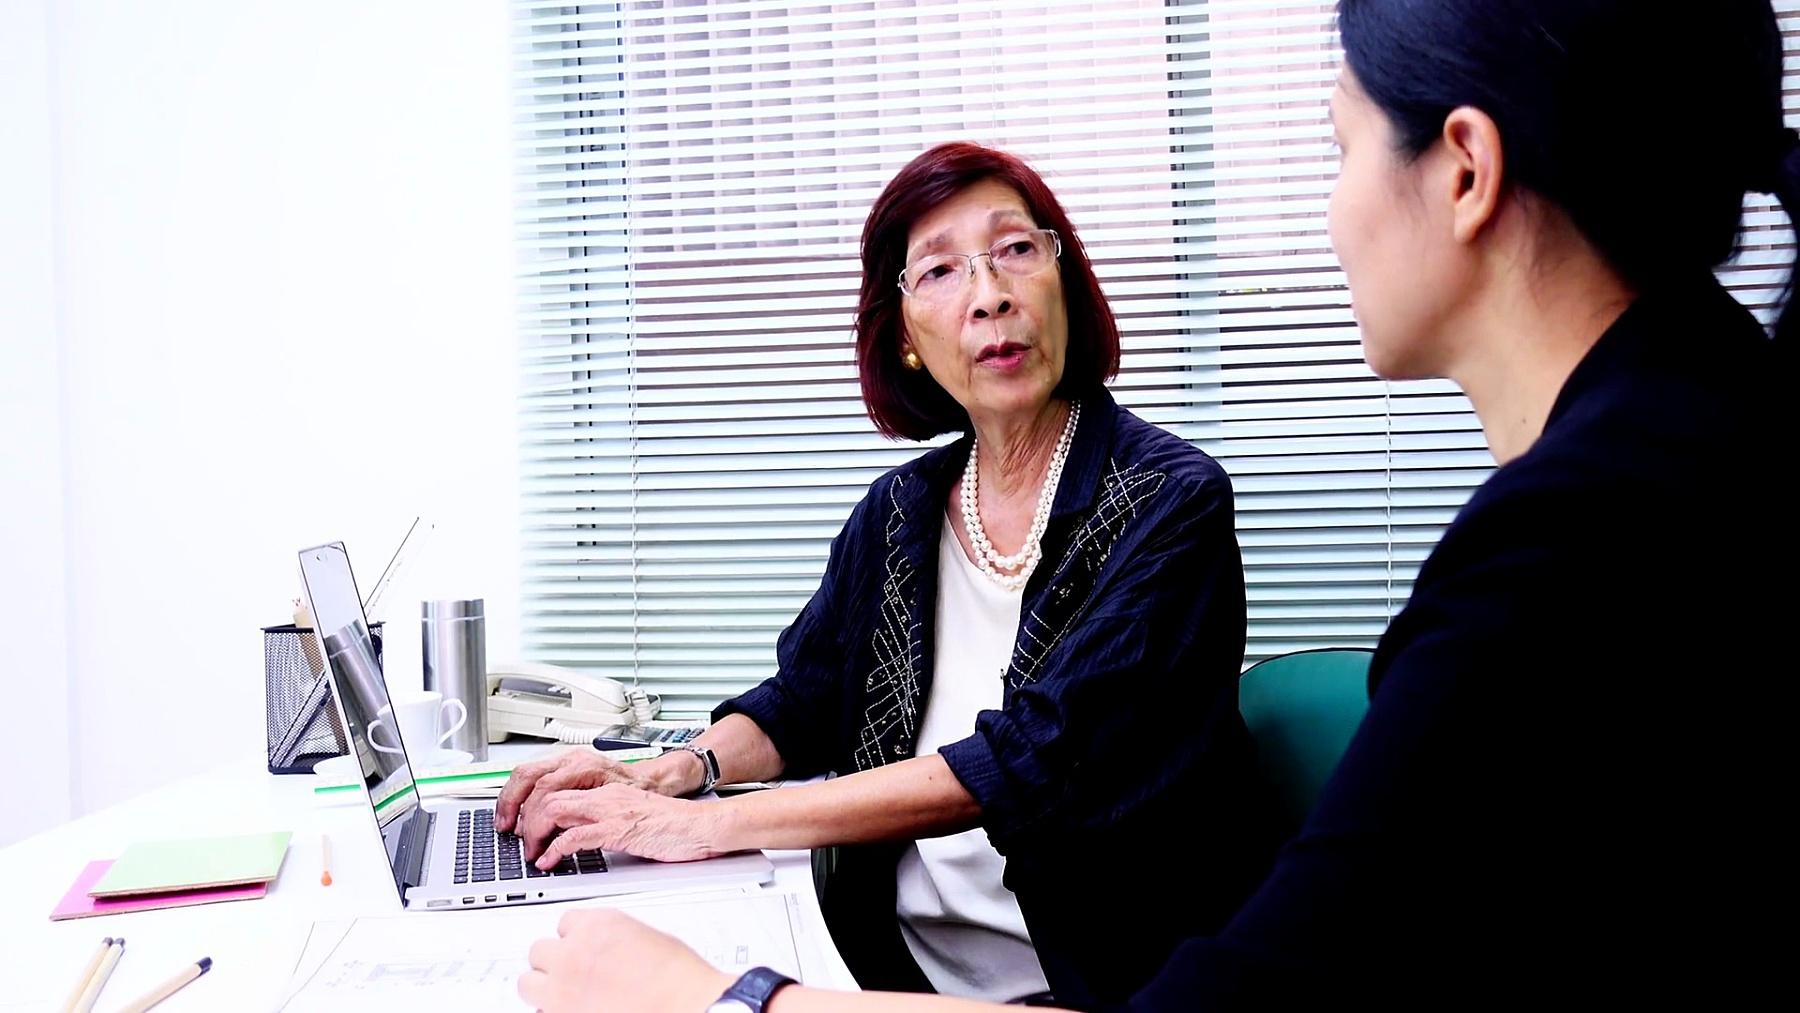 高级和年轻商务女性在办公室工作